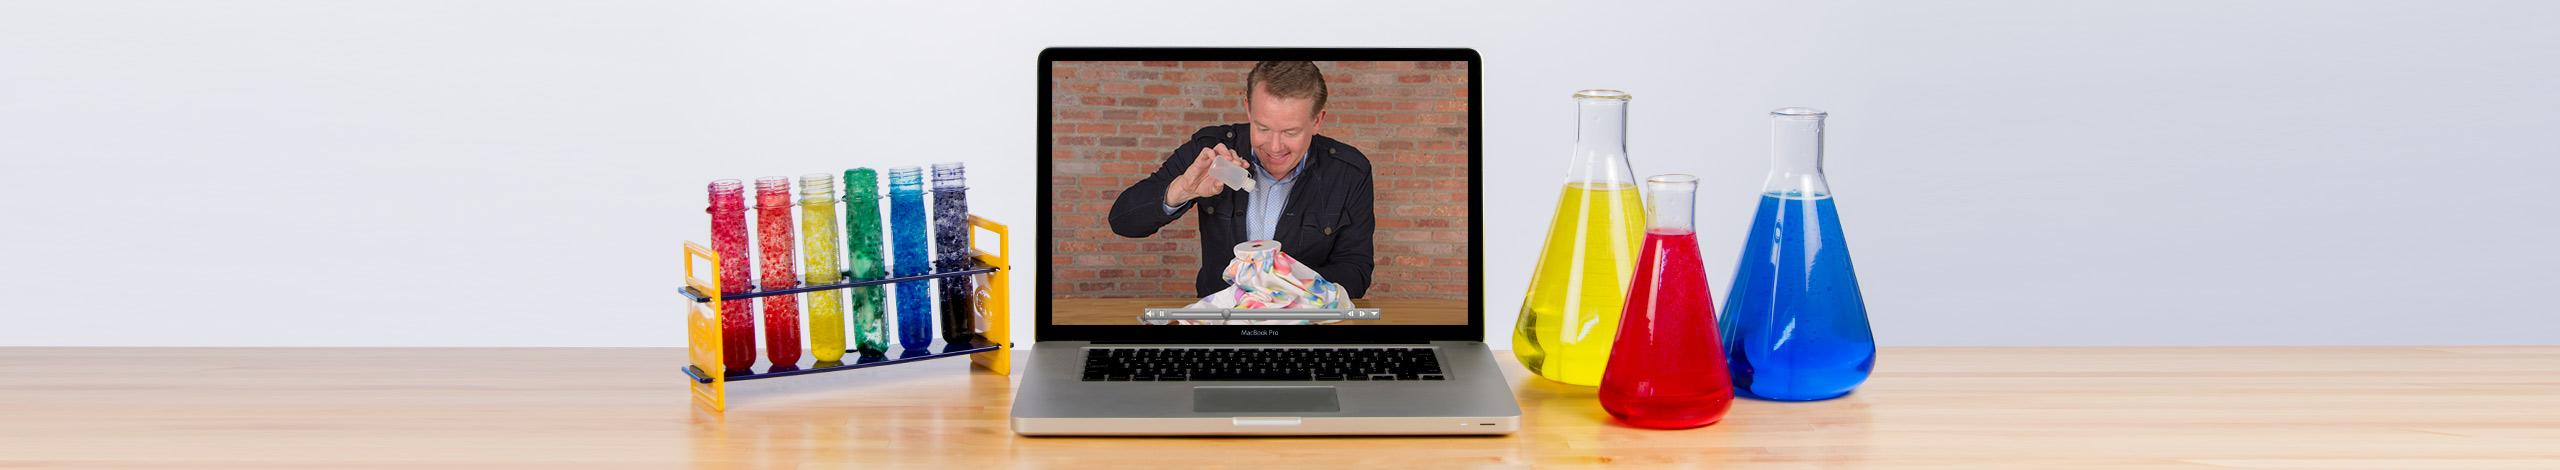 Steve Spangler Online Learning Virtual Science Workshop